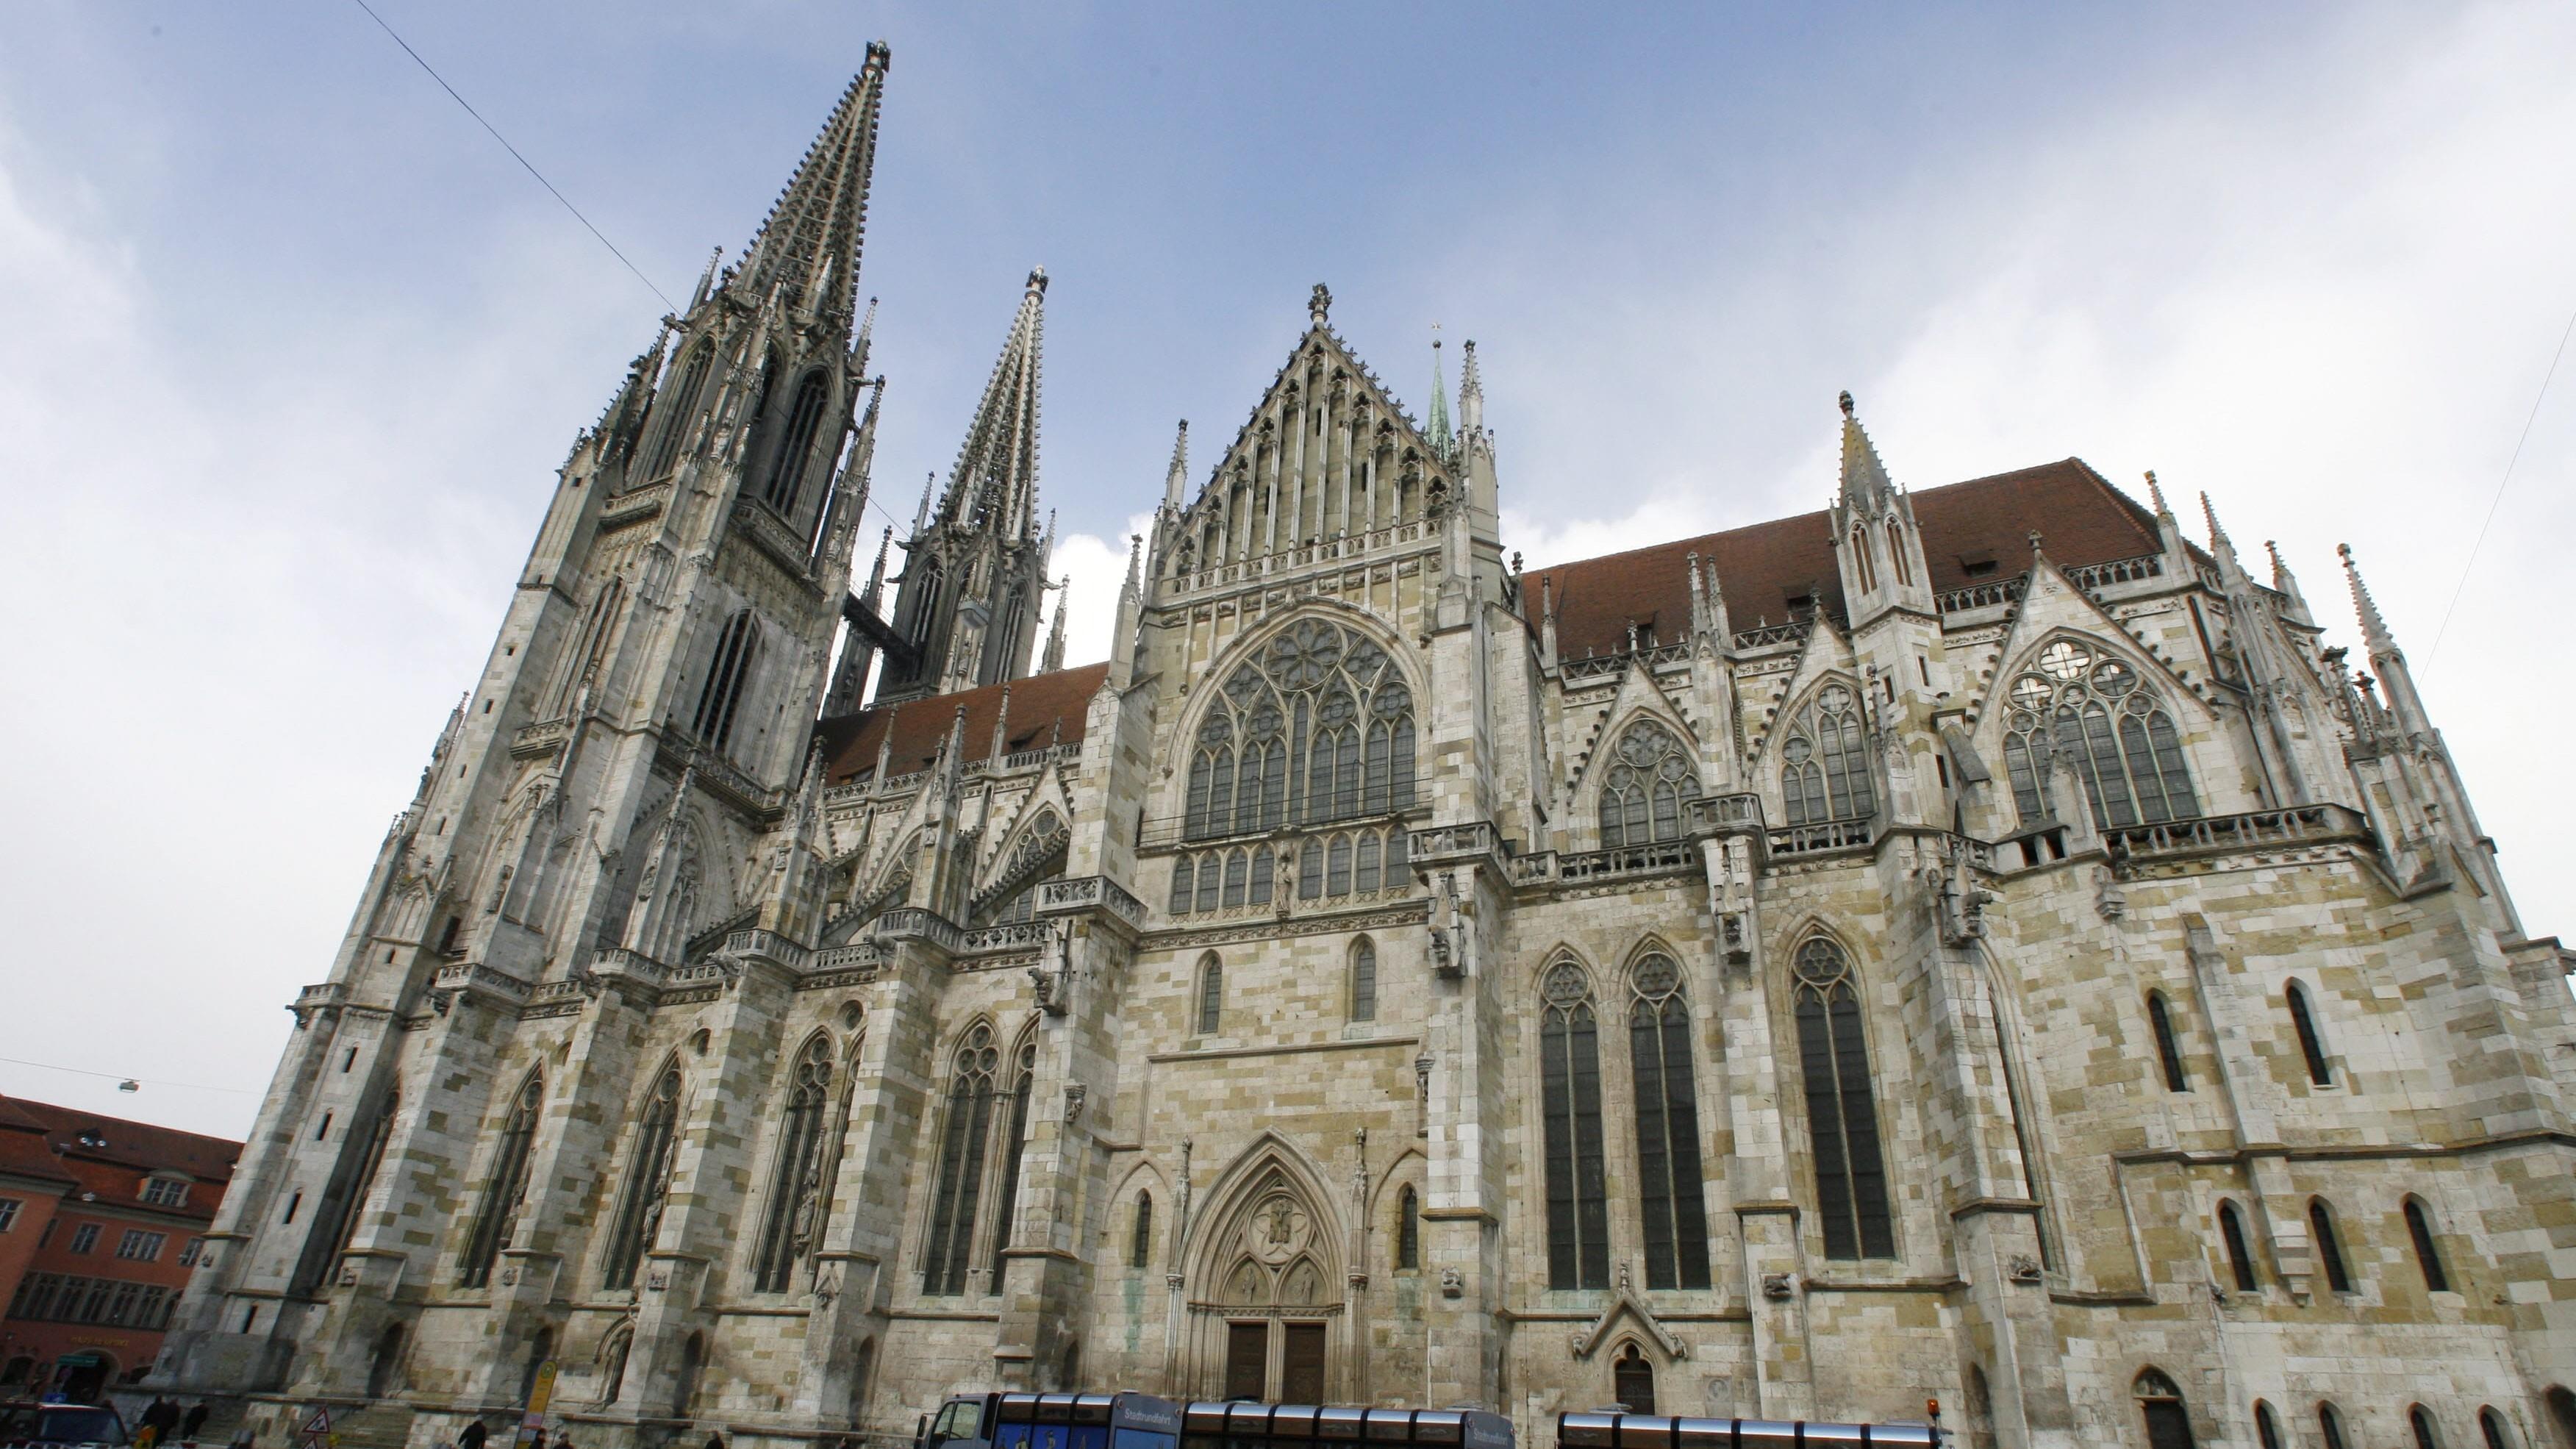 Decenni di violenze e abusi nel coro della cattedrale di Ratisbona